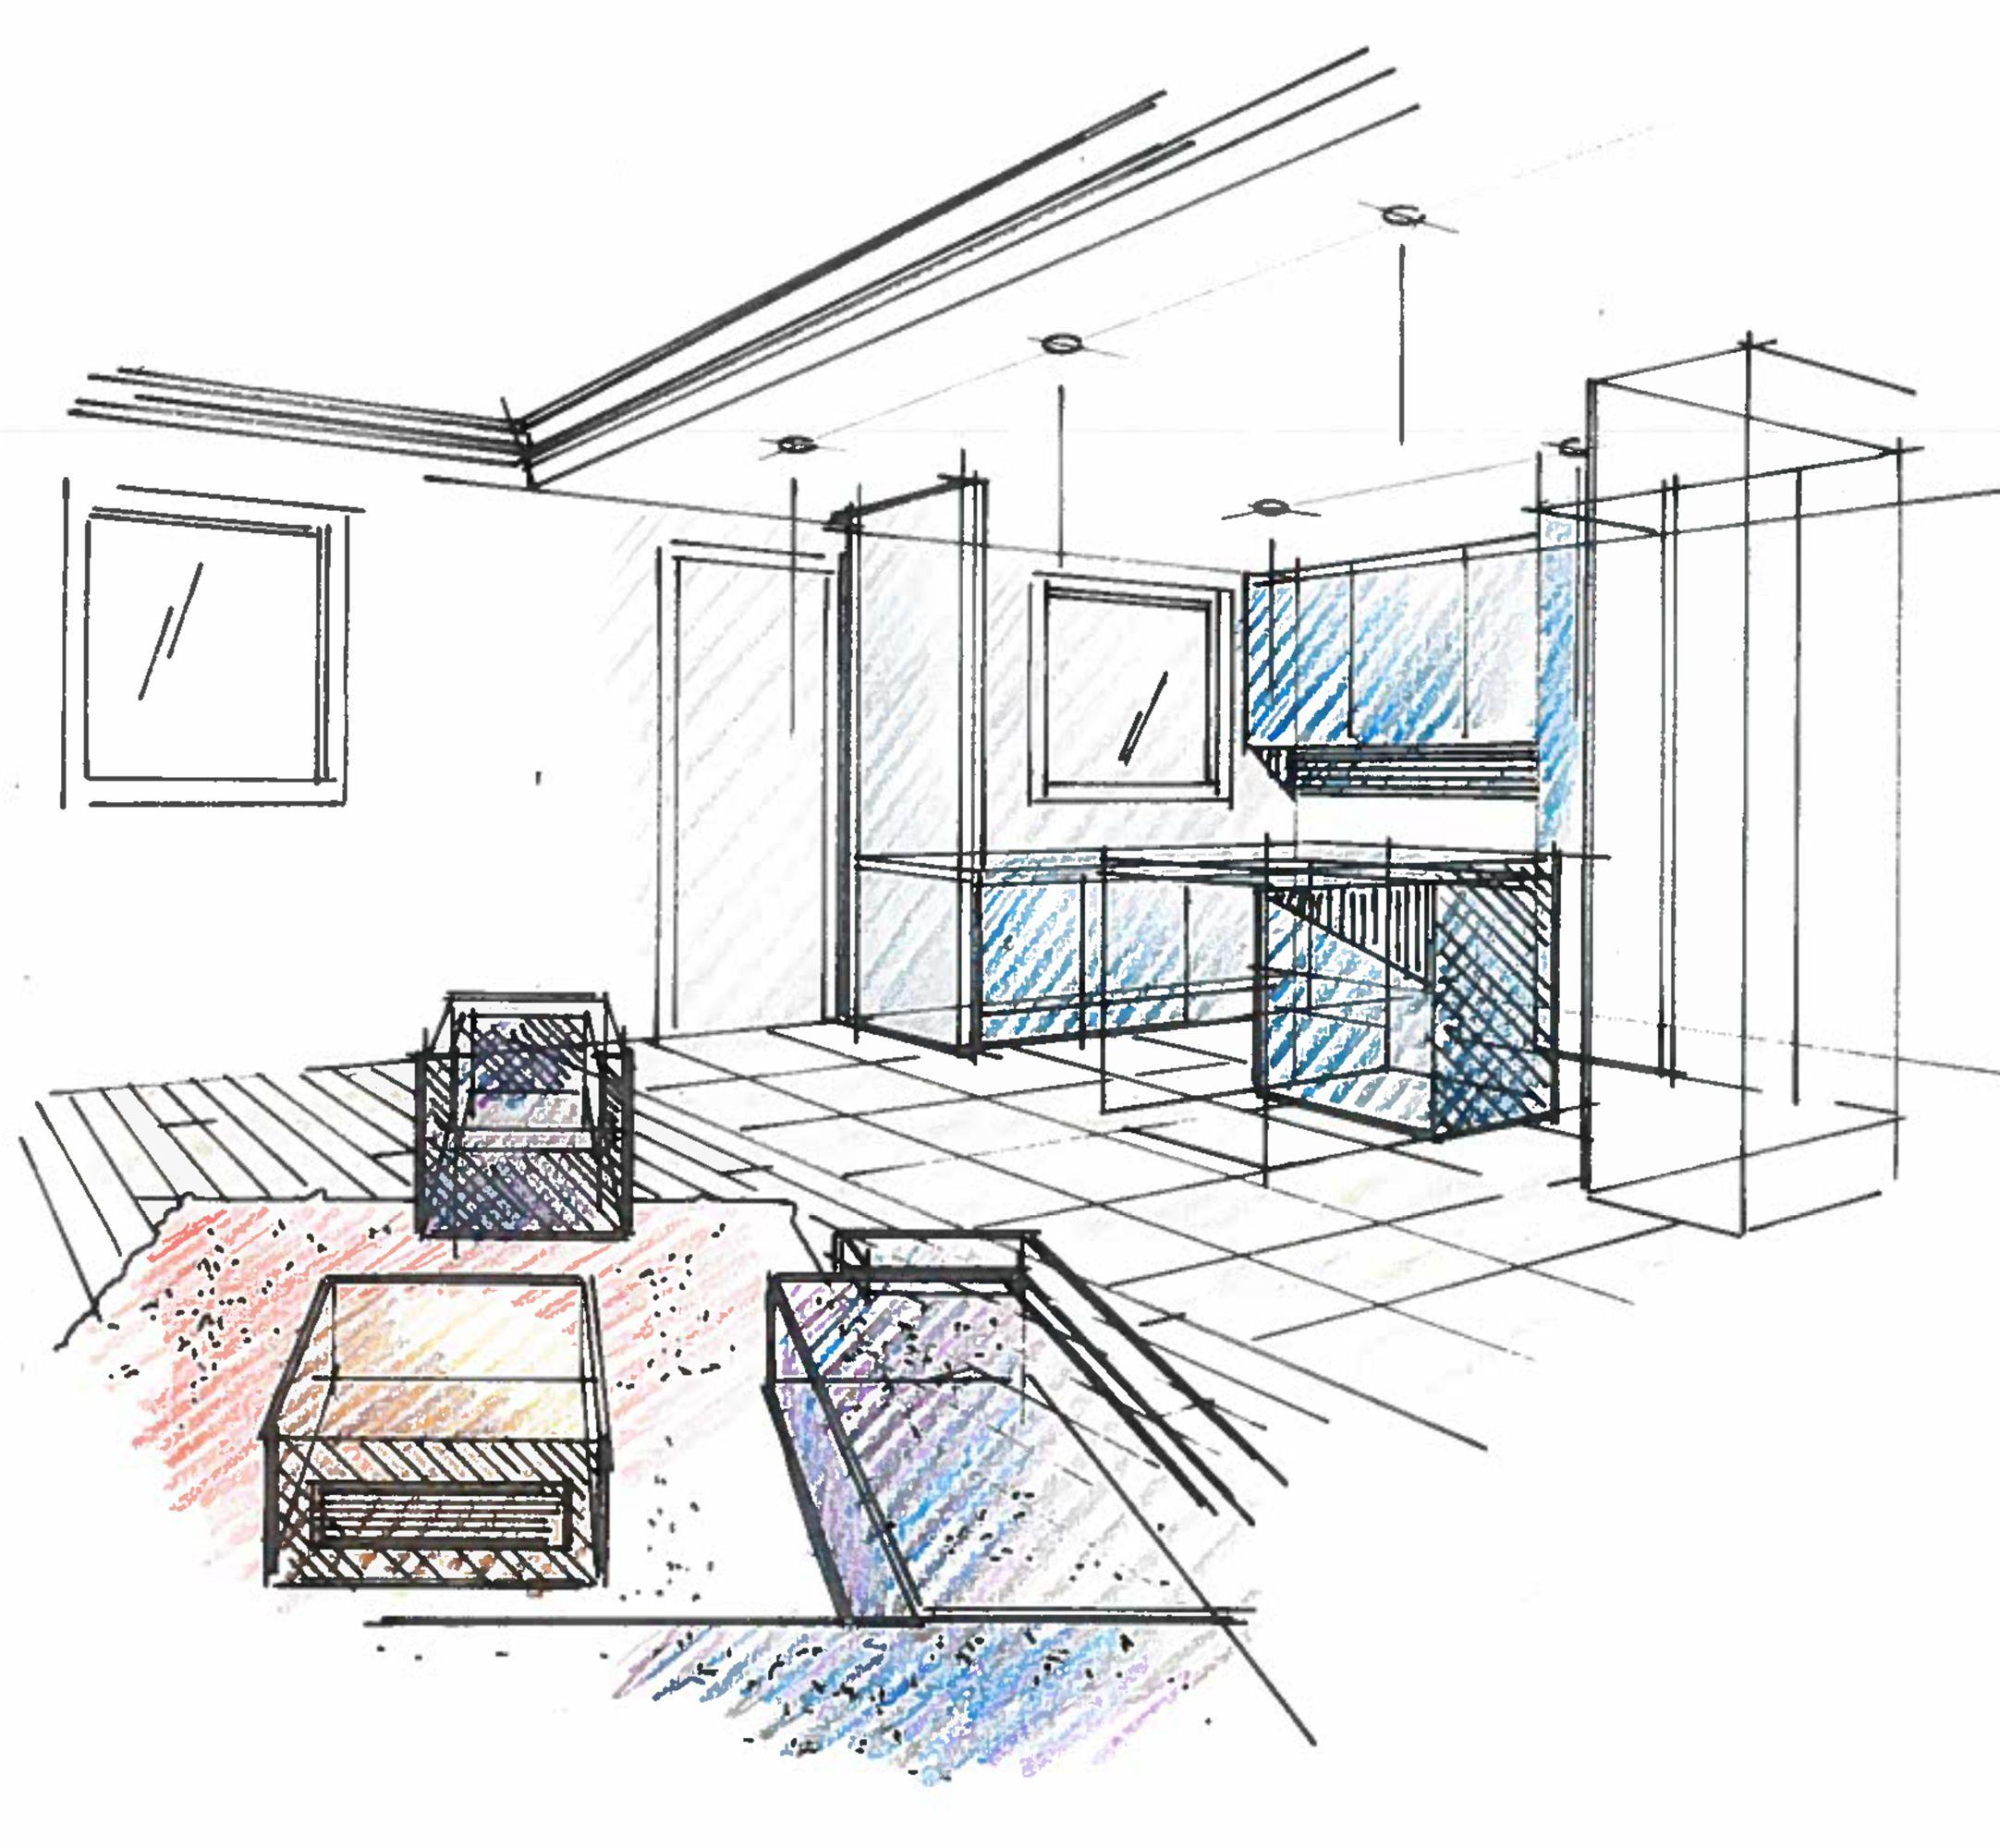 Croquis Perspective Salon Cuisine Architecte Interieur Architecture Interieure Croquis Maison